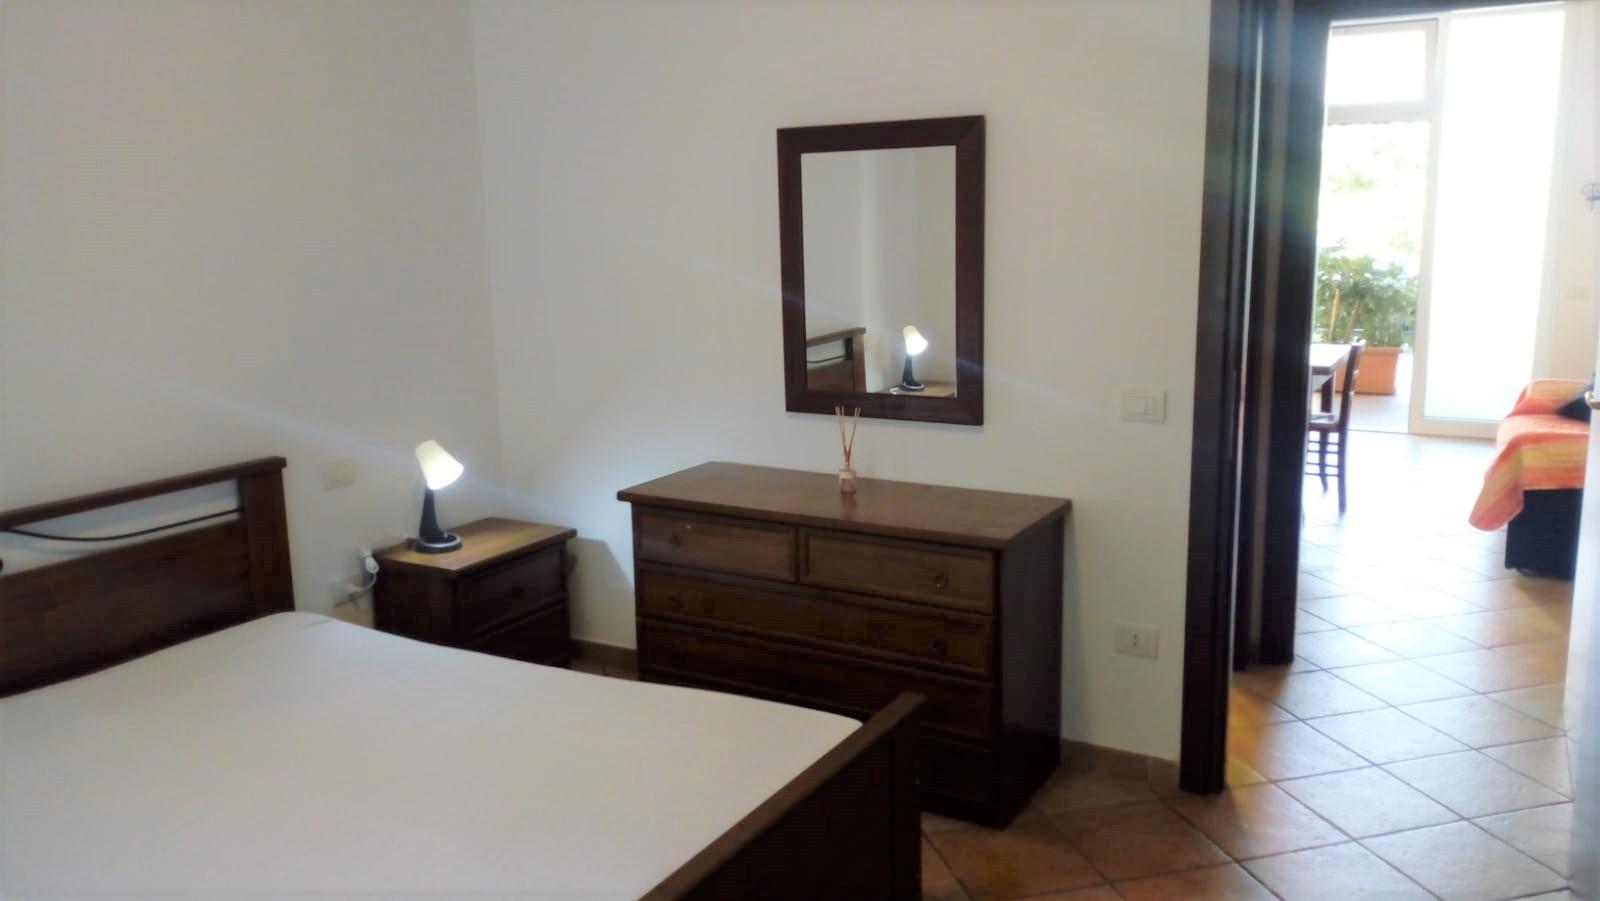 INTERNI VIA DESIDERI,PISTOIA,51100,1 Camera da Letto Bedrooms,1 BagnoBathrooms,Appartamento,INTERNI VIA DESIDERI,1380